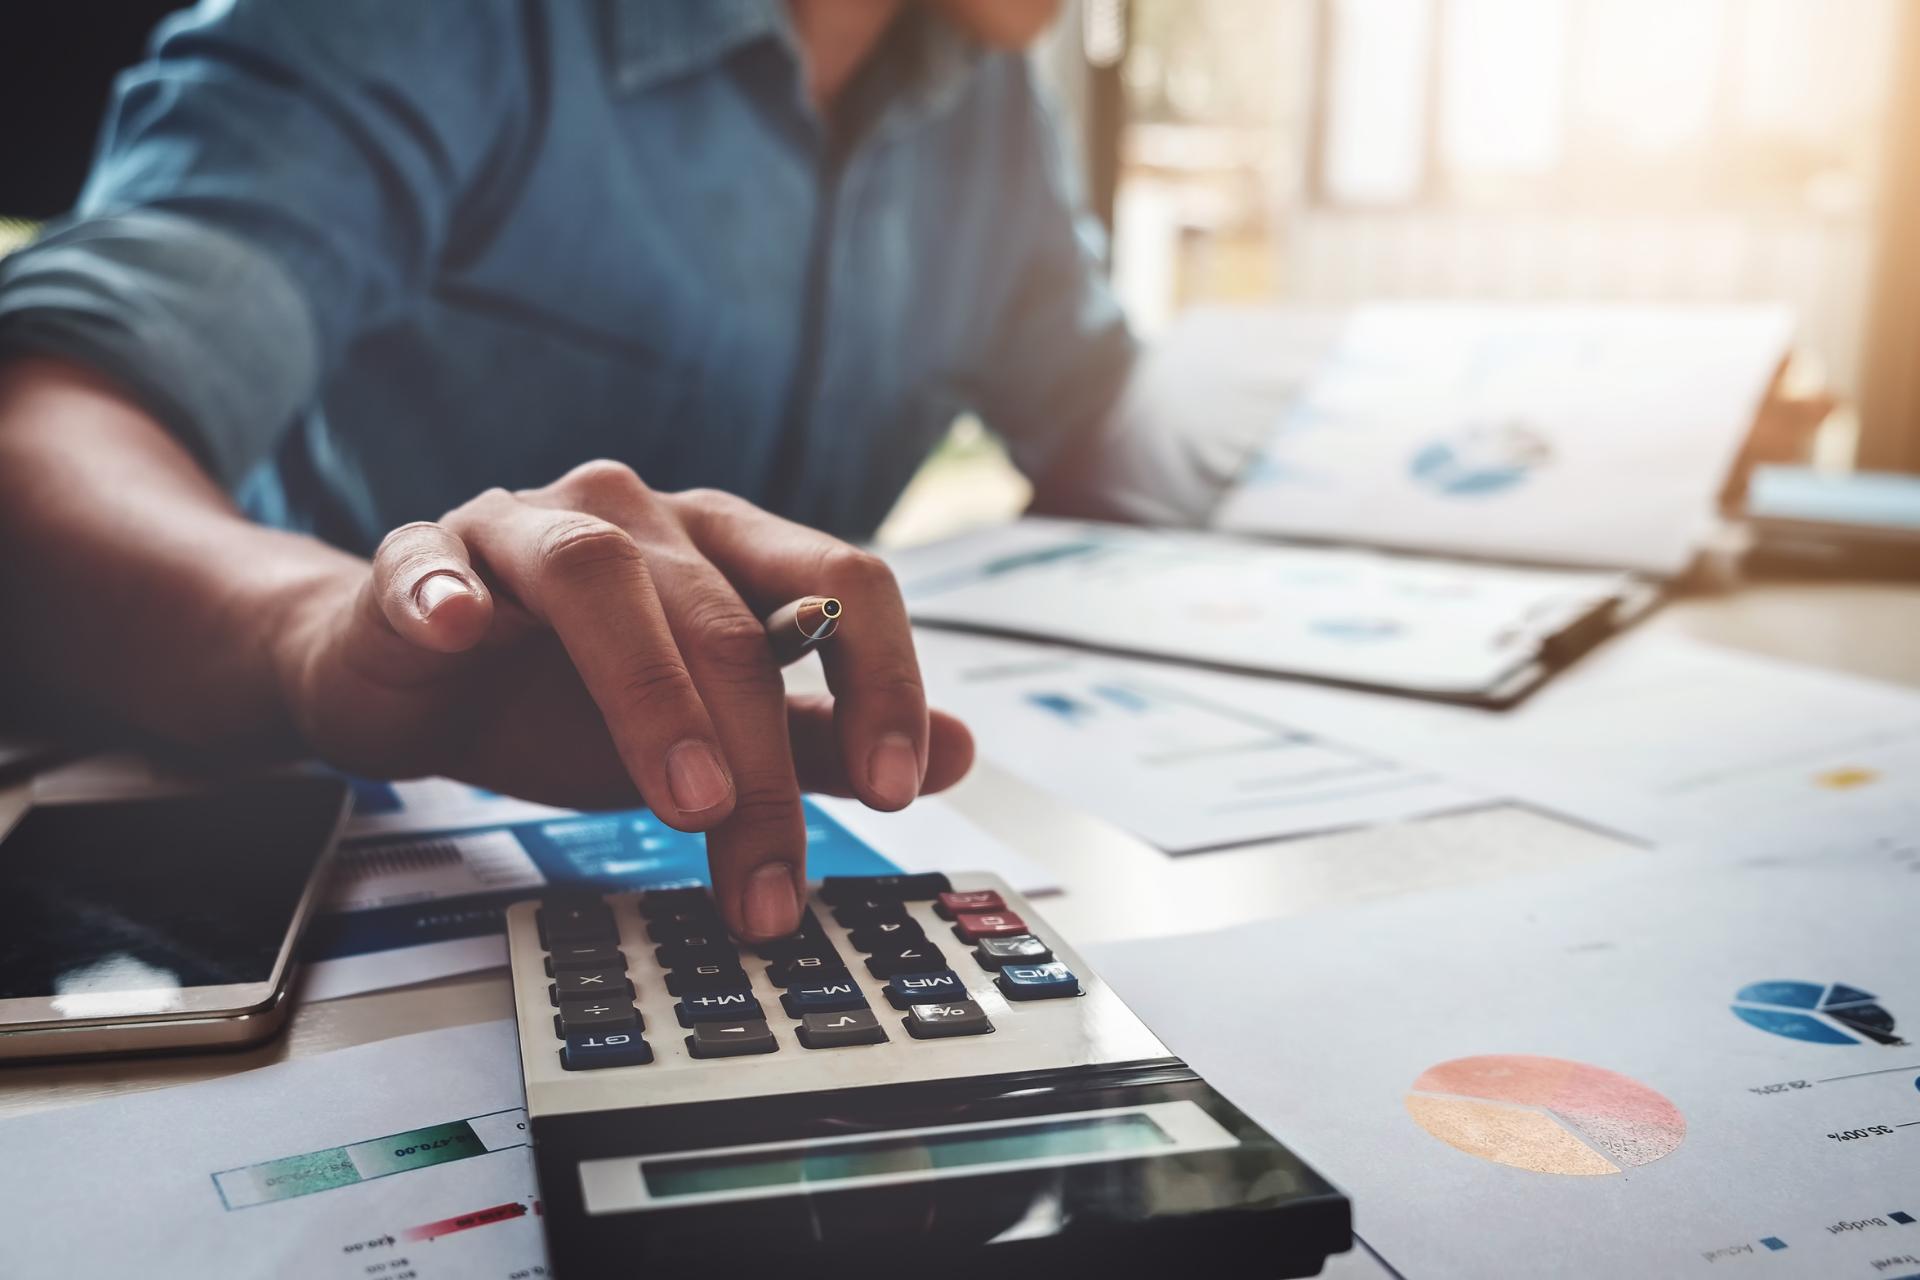 Lutte contre le blanchiment d'argent : le rôle de l'expert-comptable